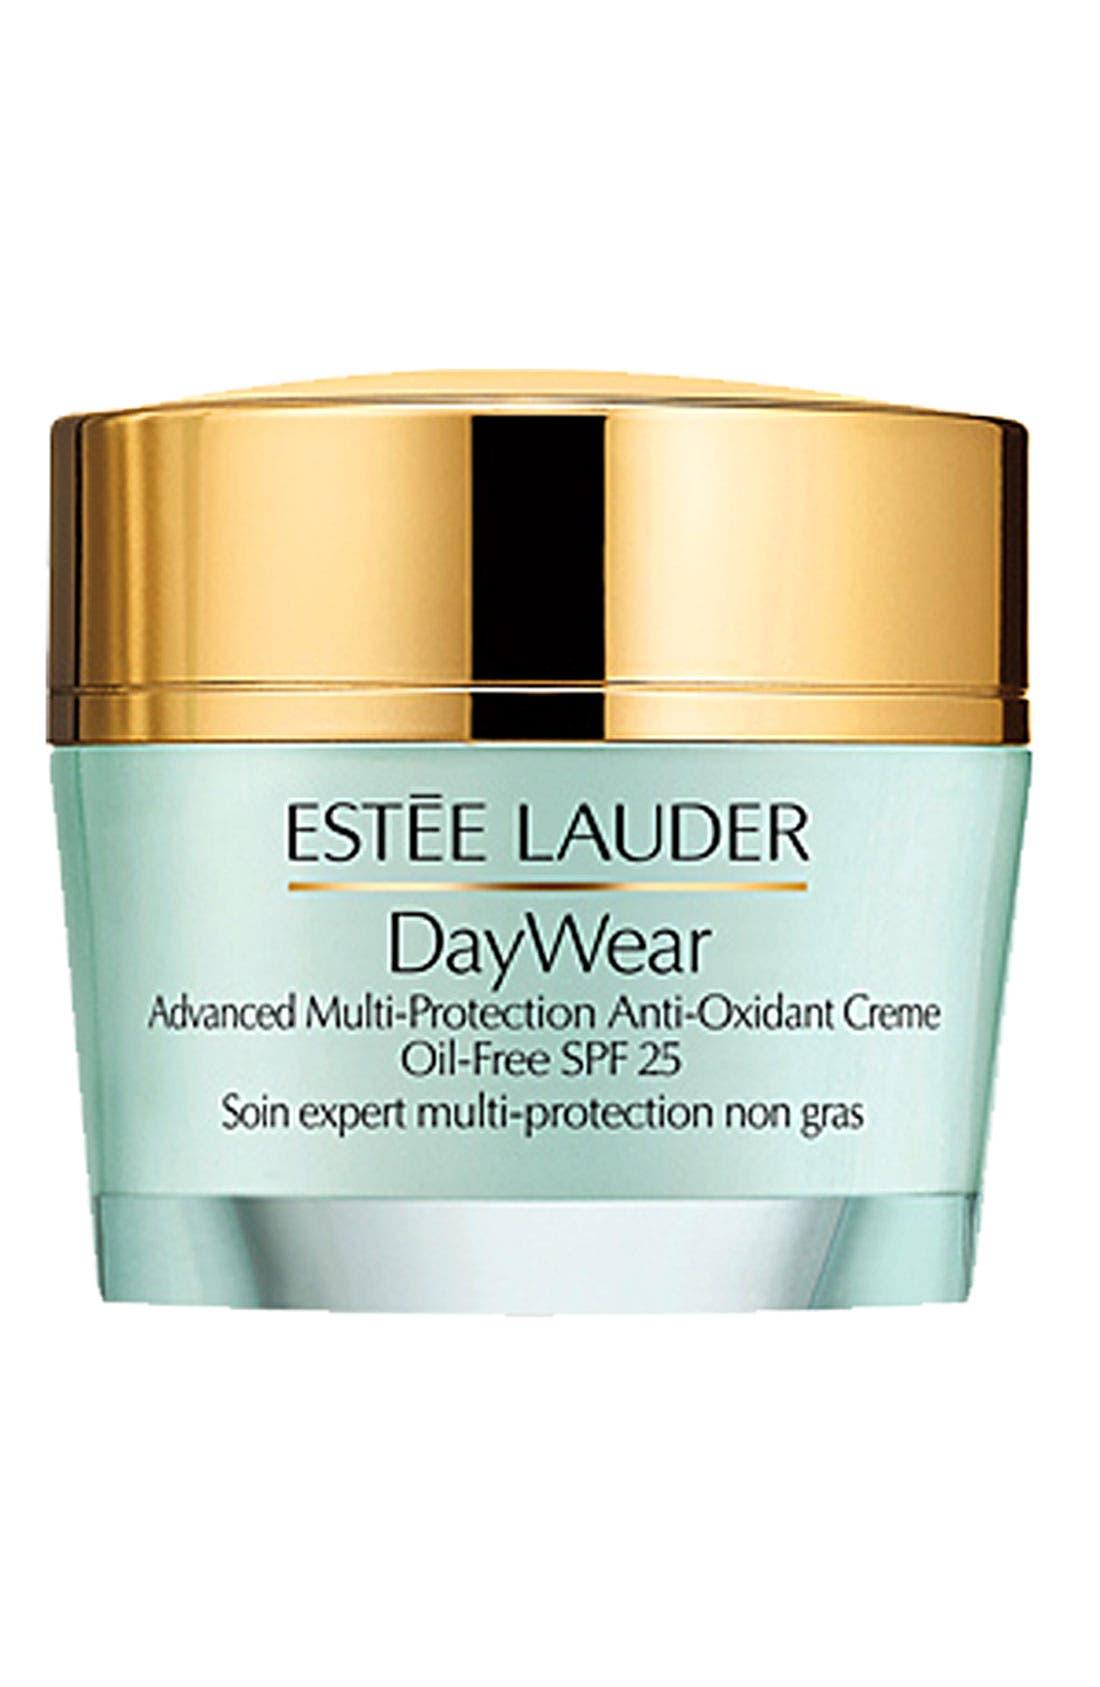 ESTÉE LAUDER DayWear Multi-Protection 24H-Moisture Crème Oil-Free, Main, color, NO COLOR